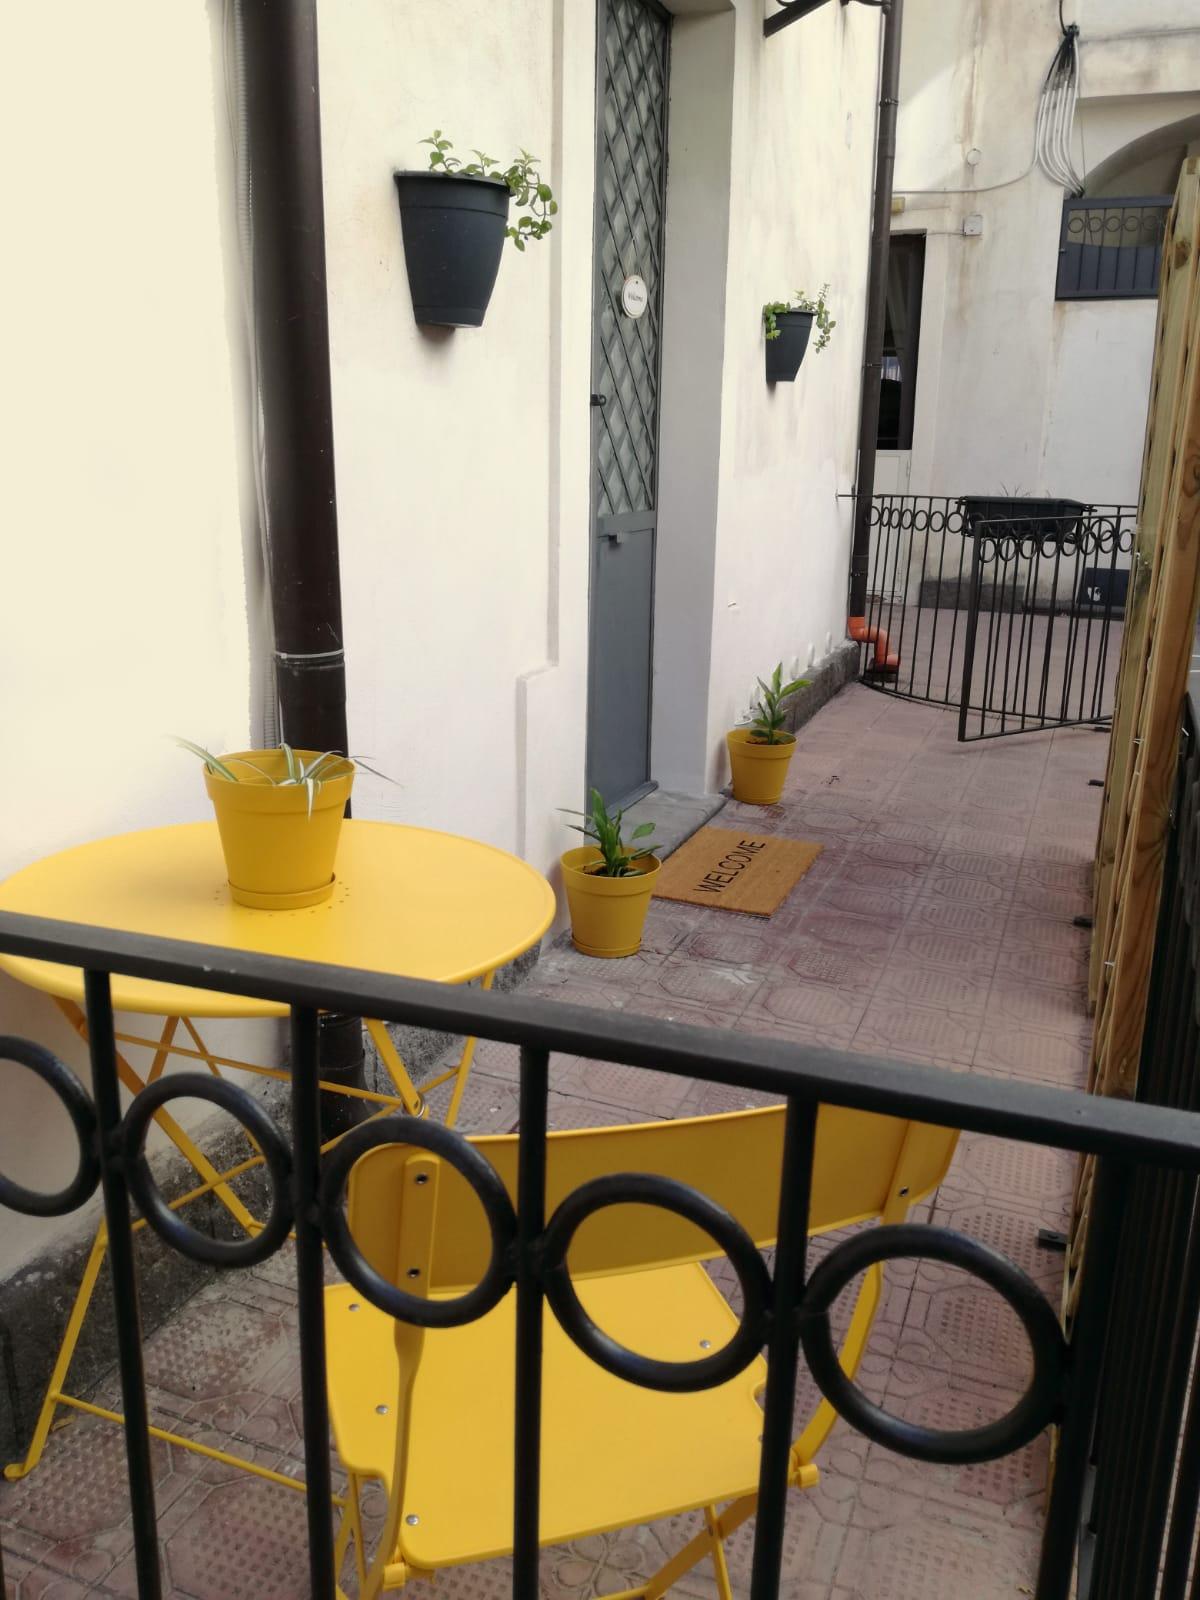 Affitto appartamento arredato Via Cavaliere (Via  G.D'annunzio) Catania